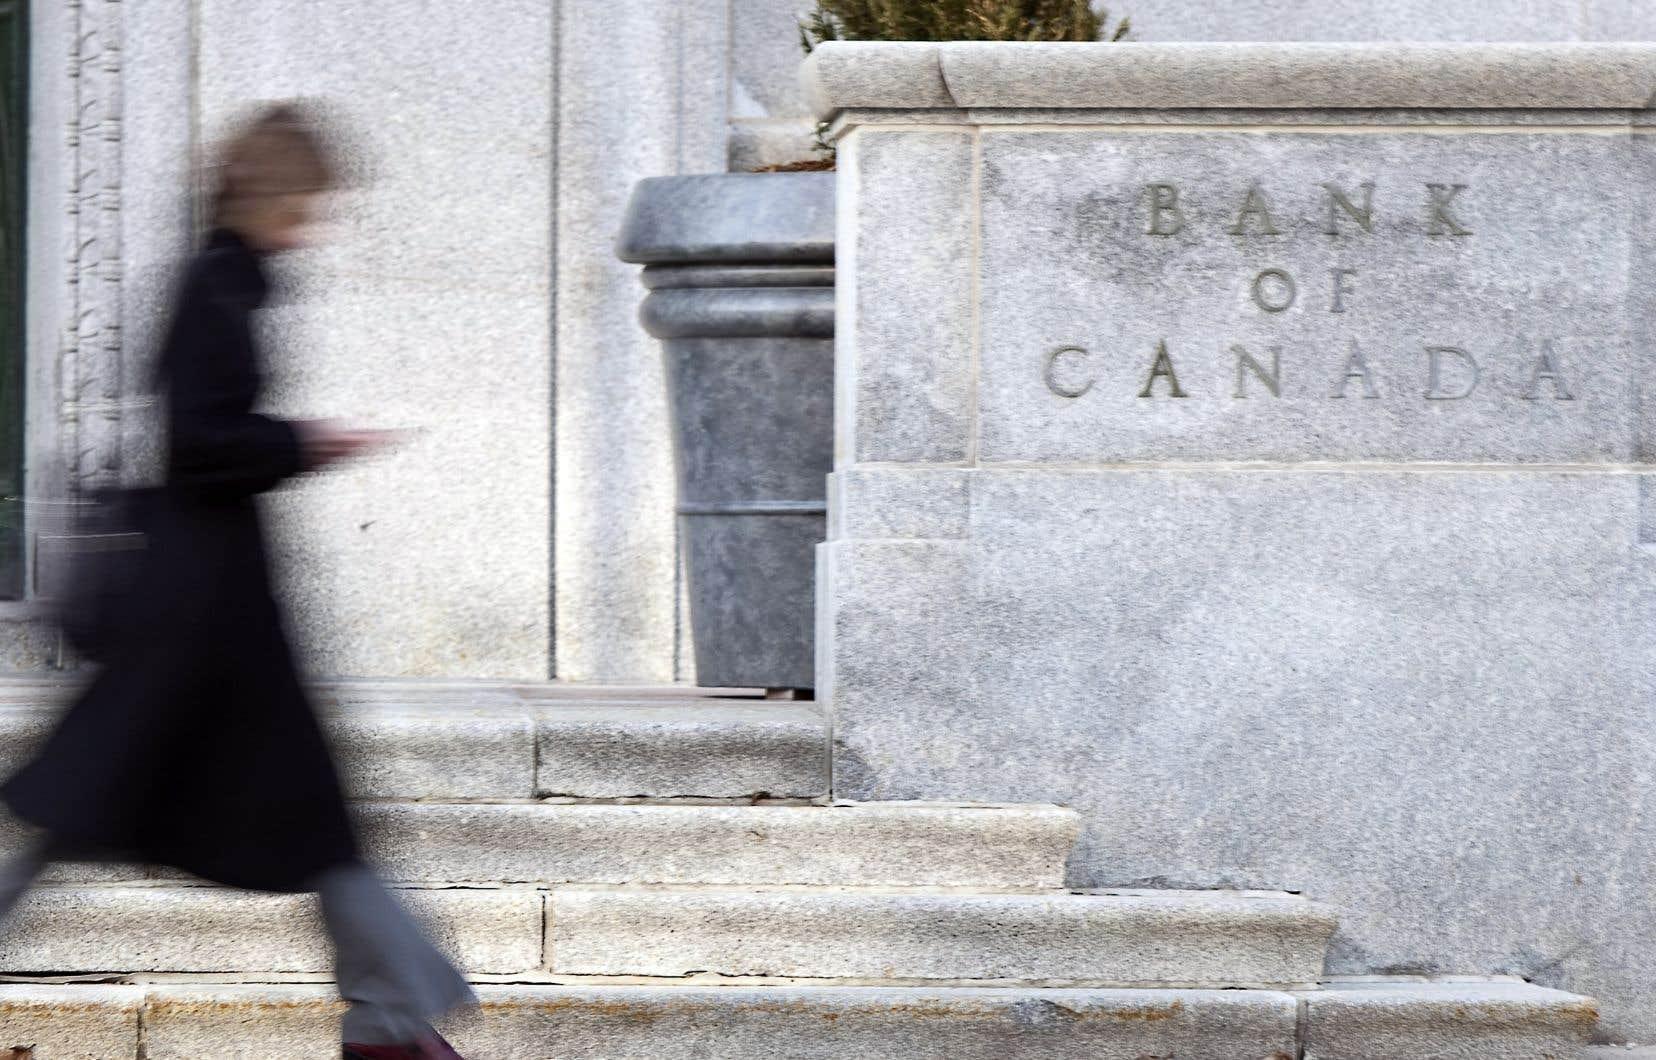 La Banque du Canada a maintenu son taux directeur à 1,75% depuis octobre 2018.